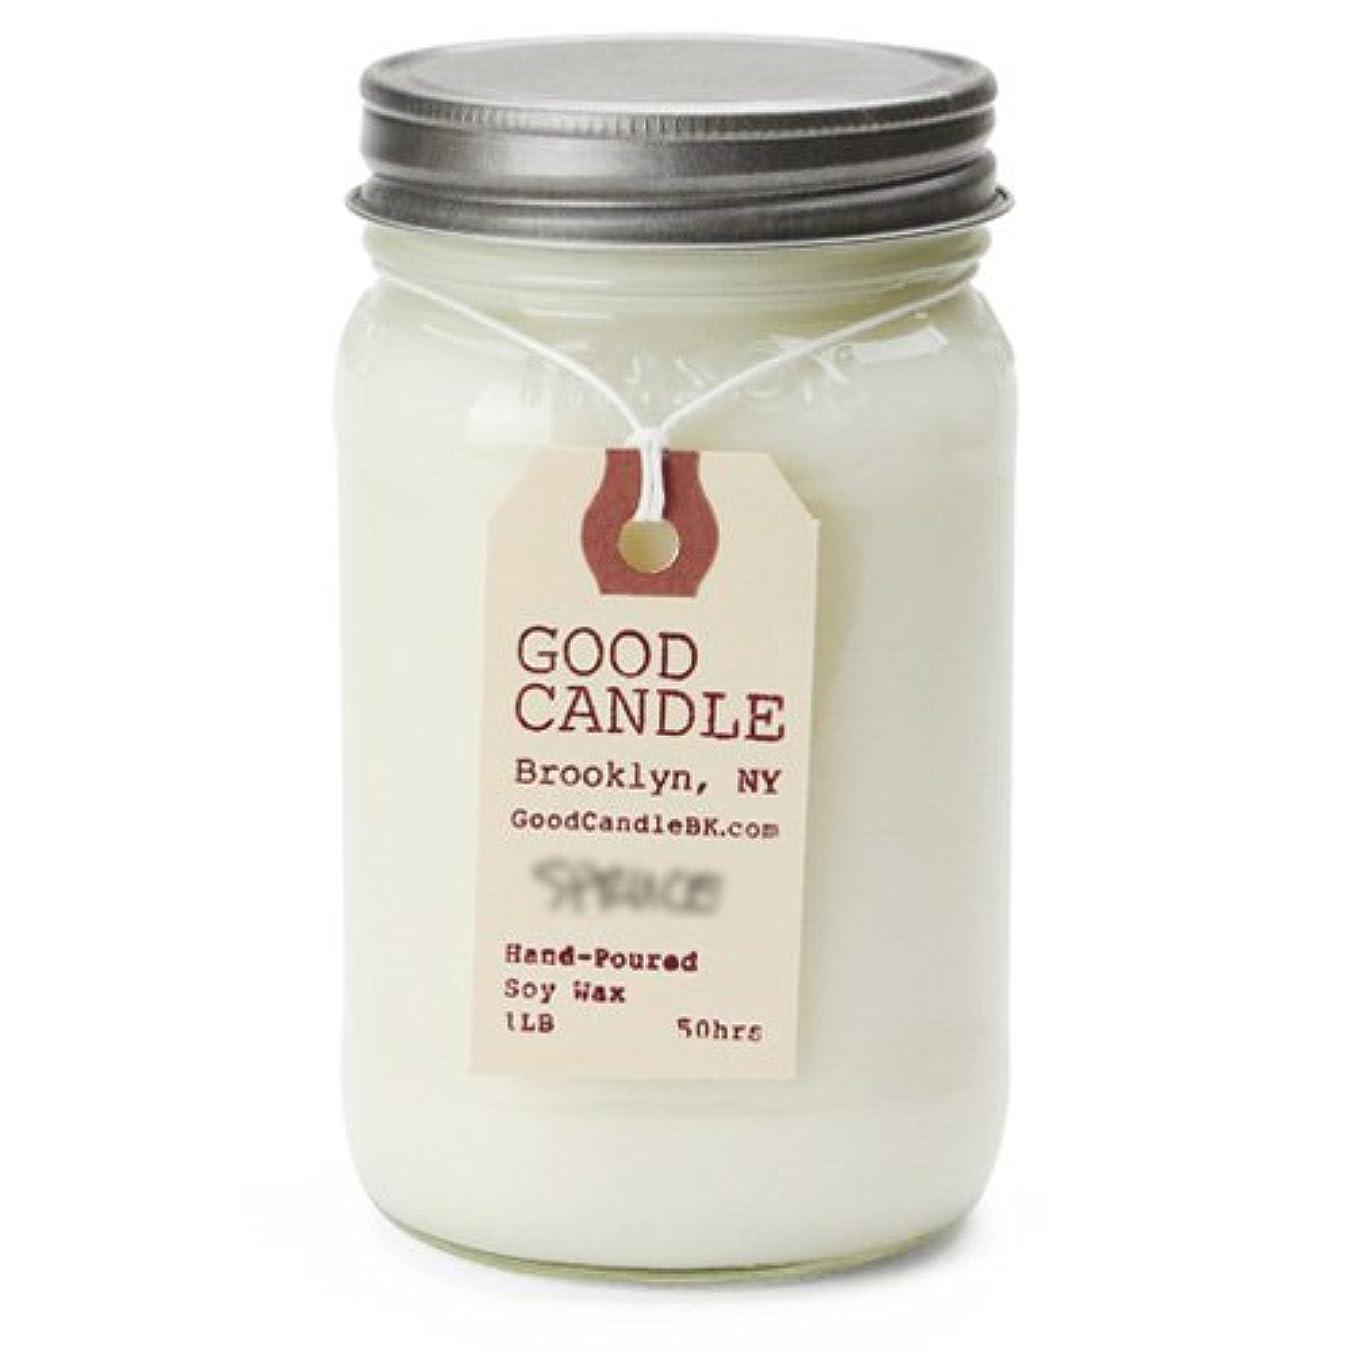 技術者歩く合唱団グッドキャンドル 1ポンド メイソンジャー キャンドル Good Candle 1LB Mason jar candle [ Rose ] 正規品